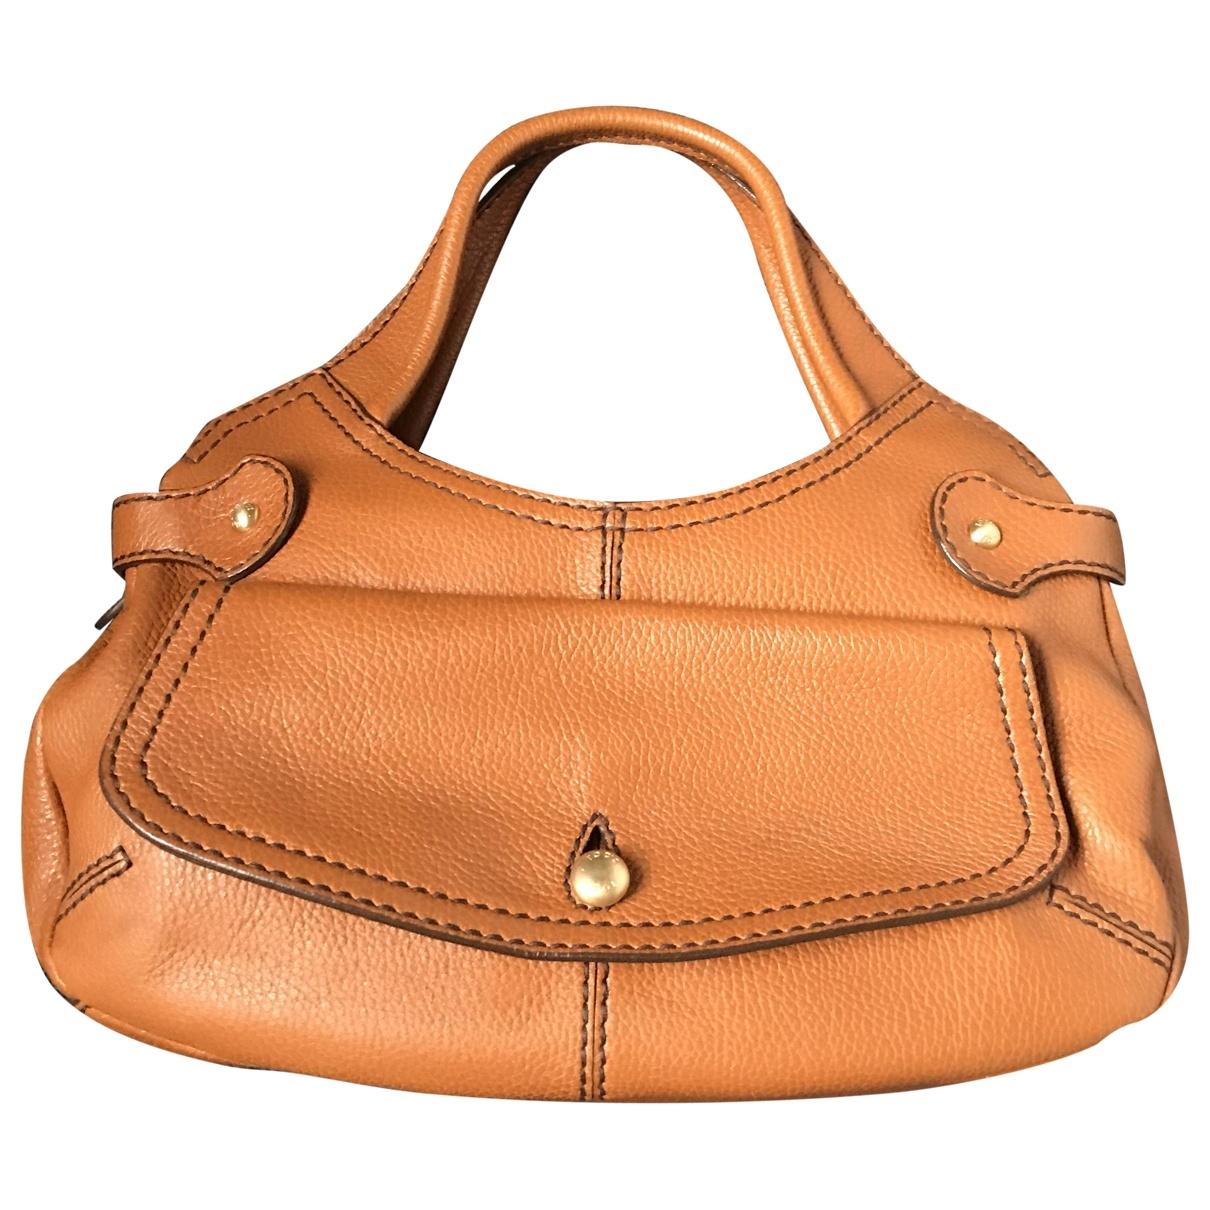 Tods \N Handtasche in  Kamel Leder